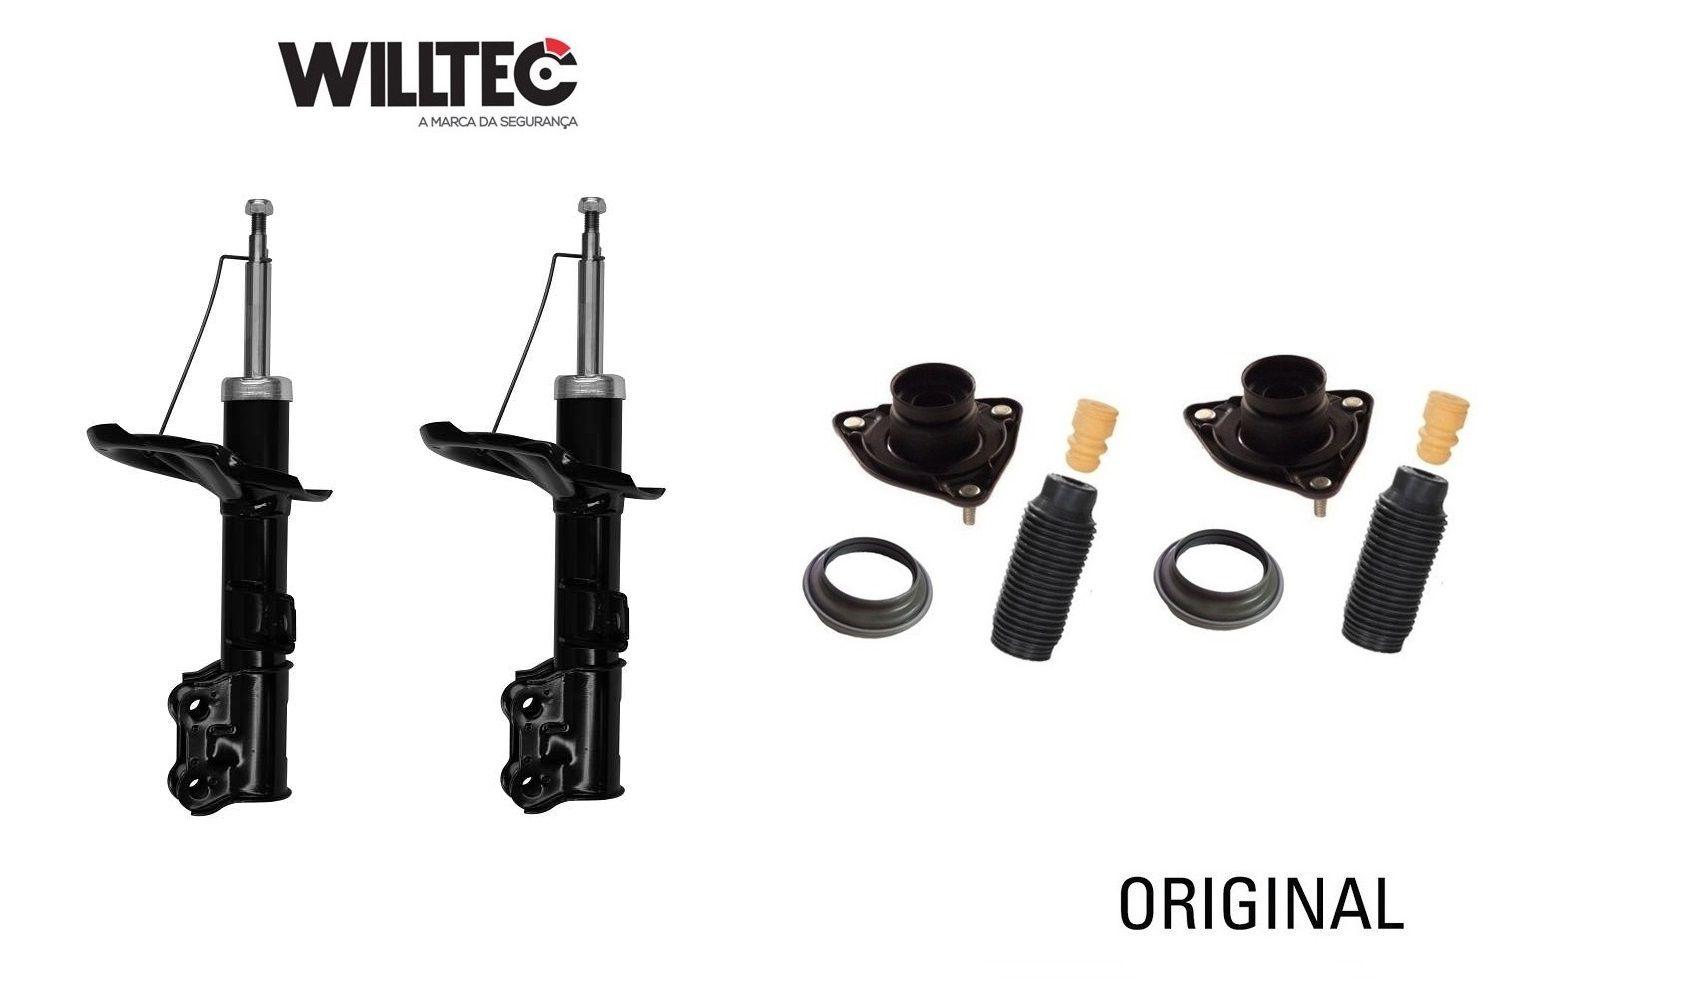 Amortecedor Dianteiro c/kit batente  I30 2.0 16v  2009 a 2012 willtec